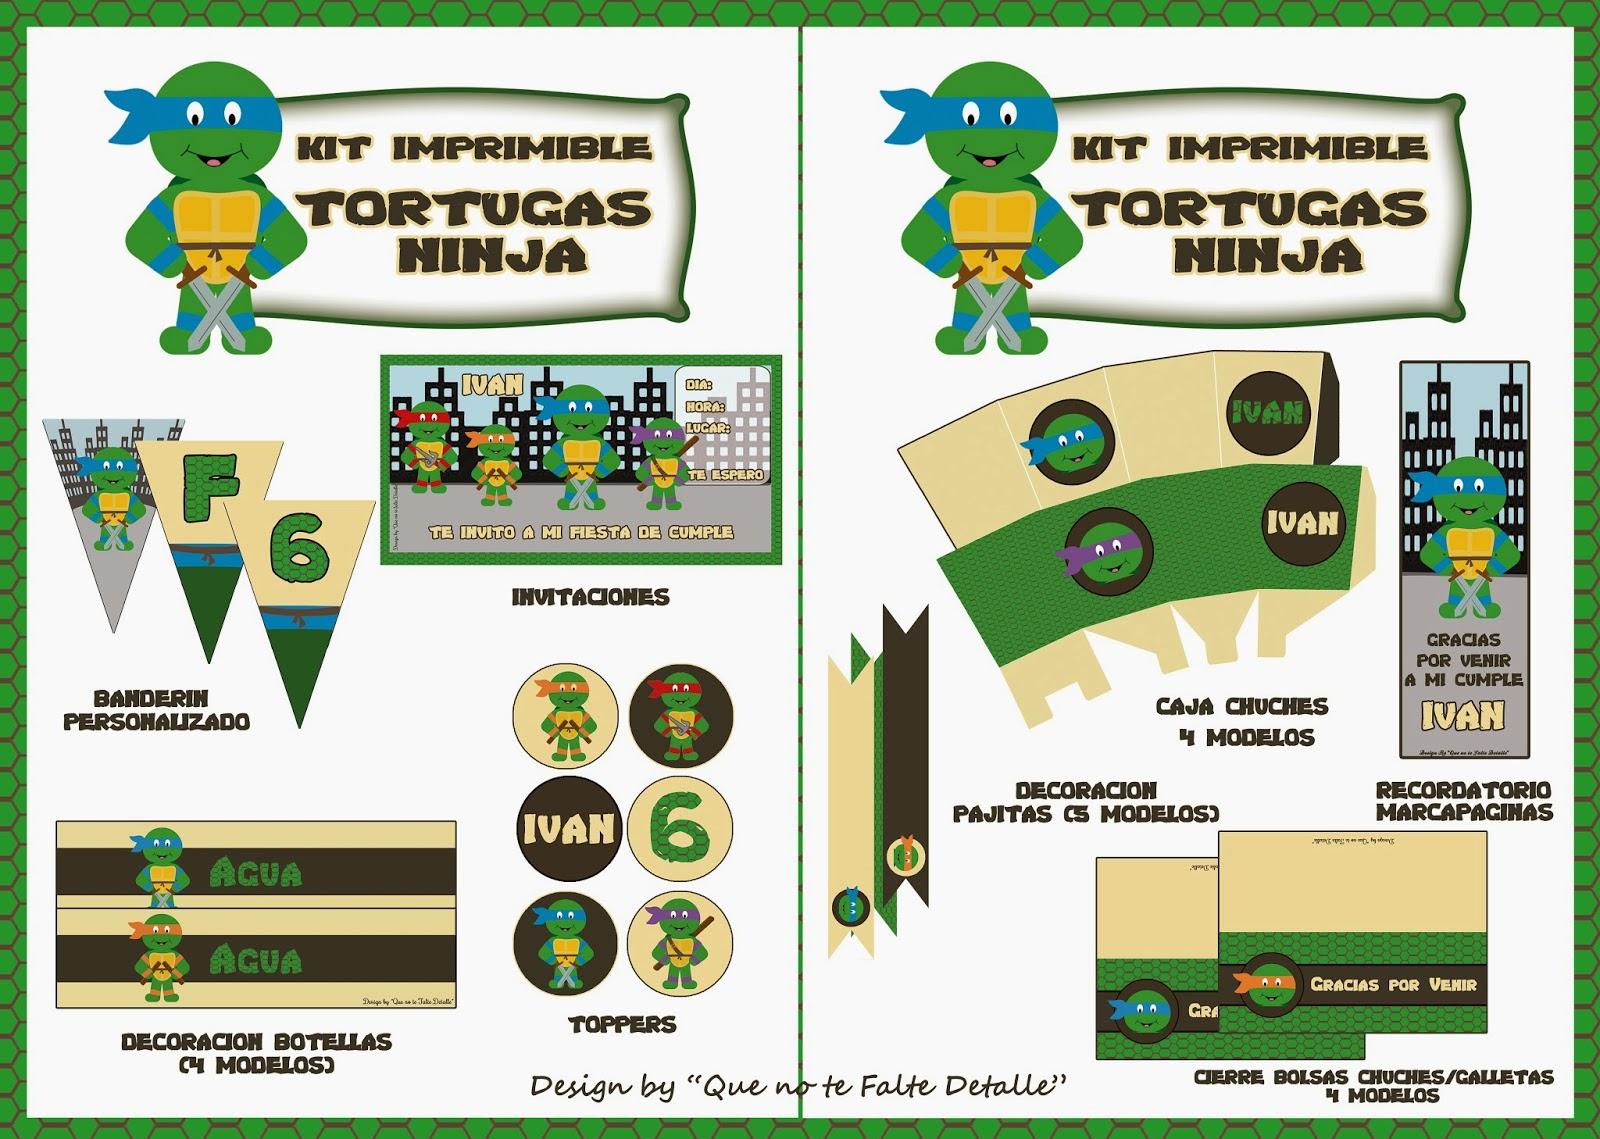 kit-imprimible-personalizado-tortugas-ninja